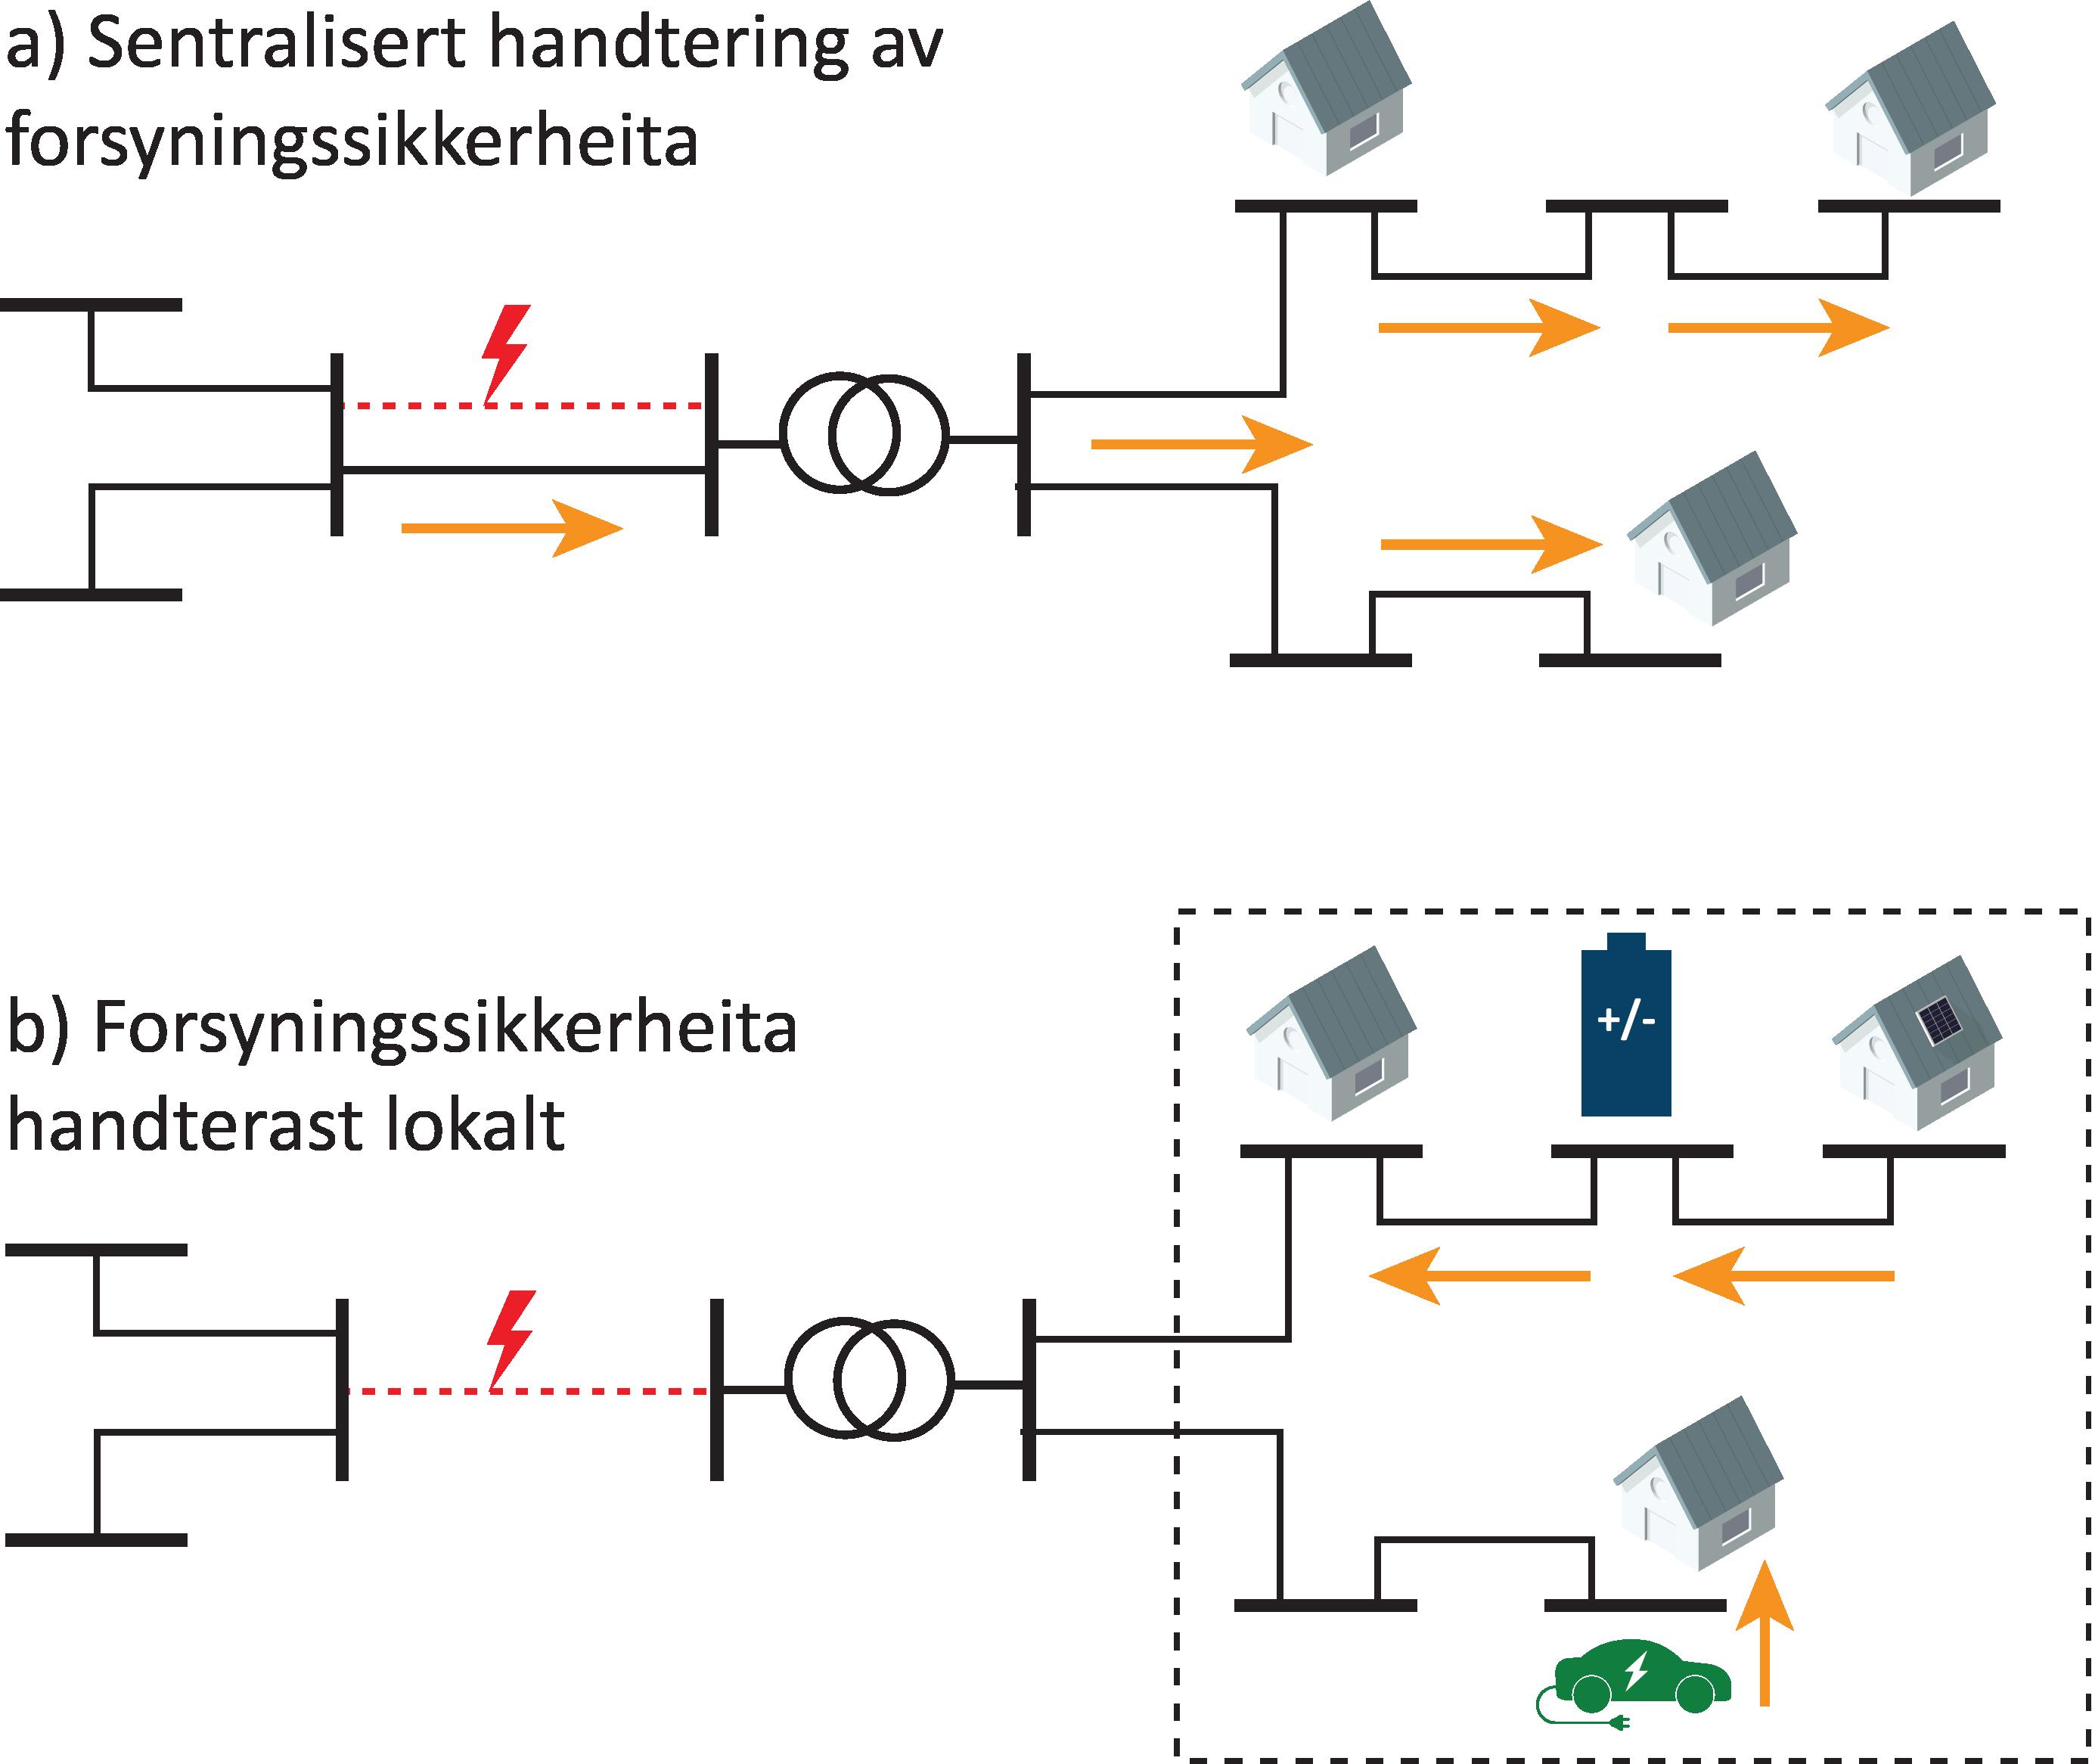 Skjematisk samanlikning av a) den (tradisjonelle) sentraliserte tilnærminga til å handtere forsyningssikkerheit